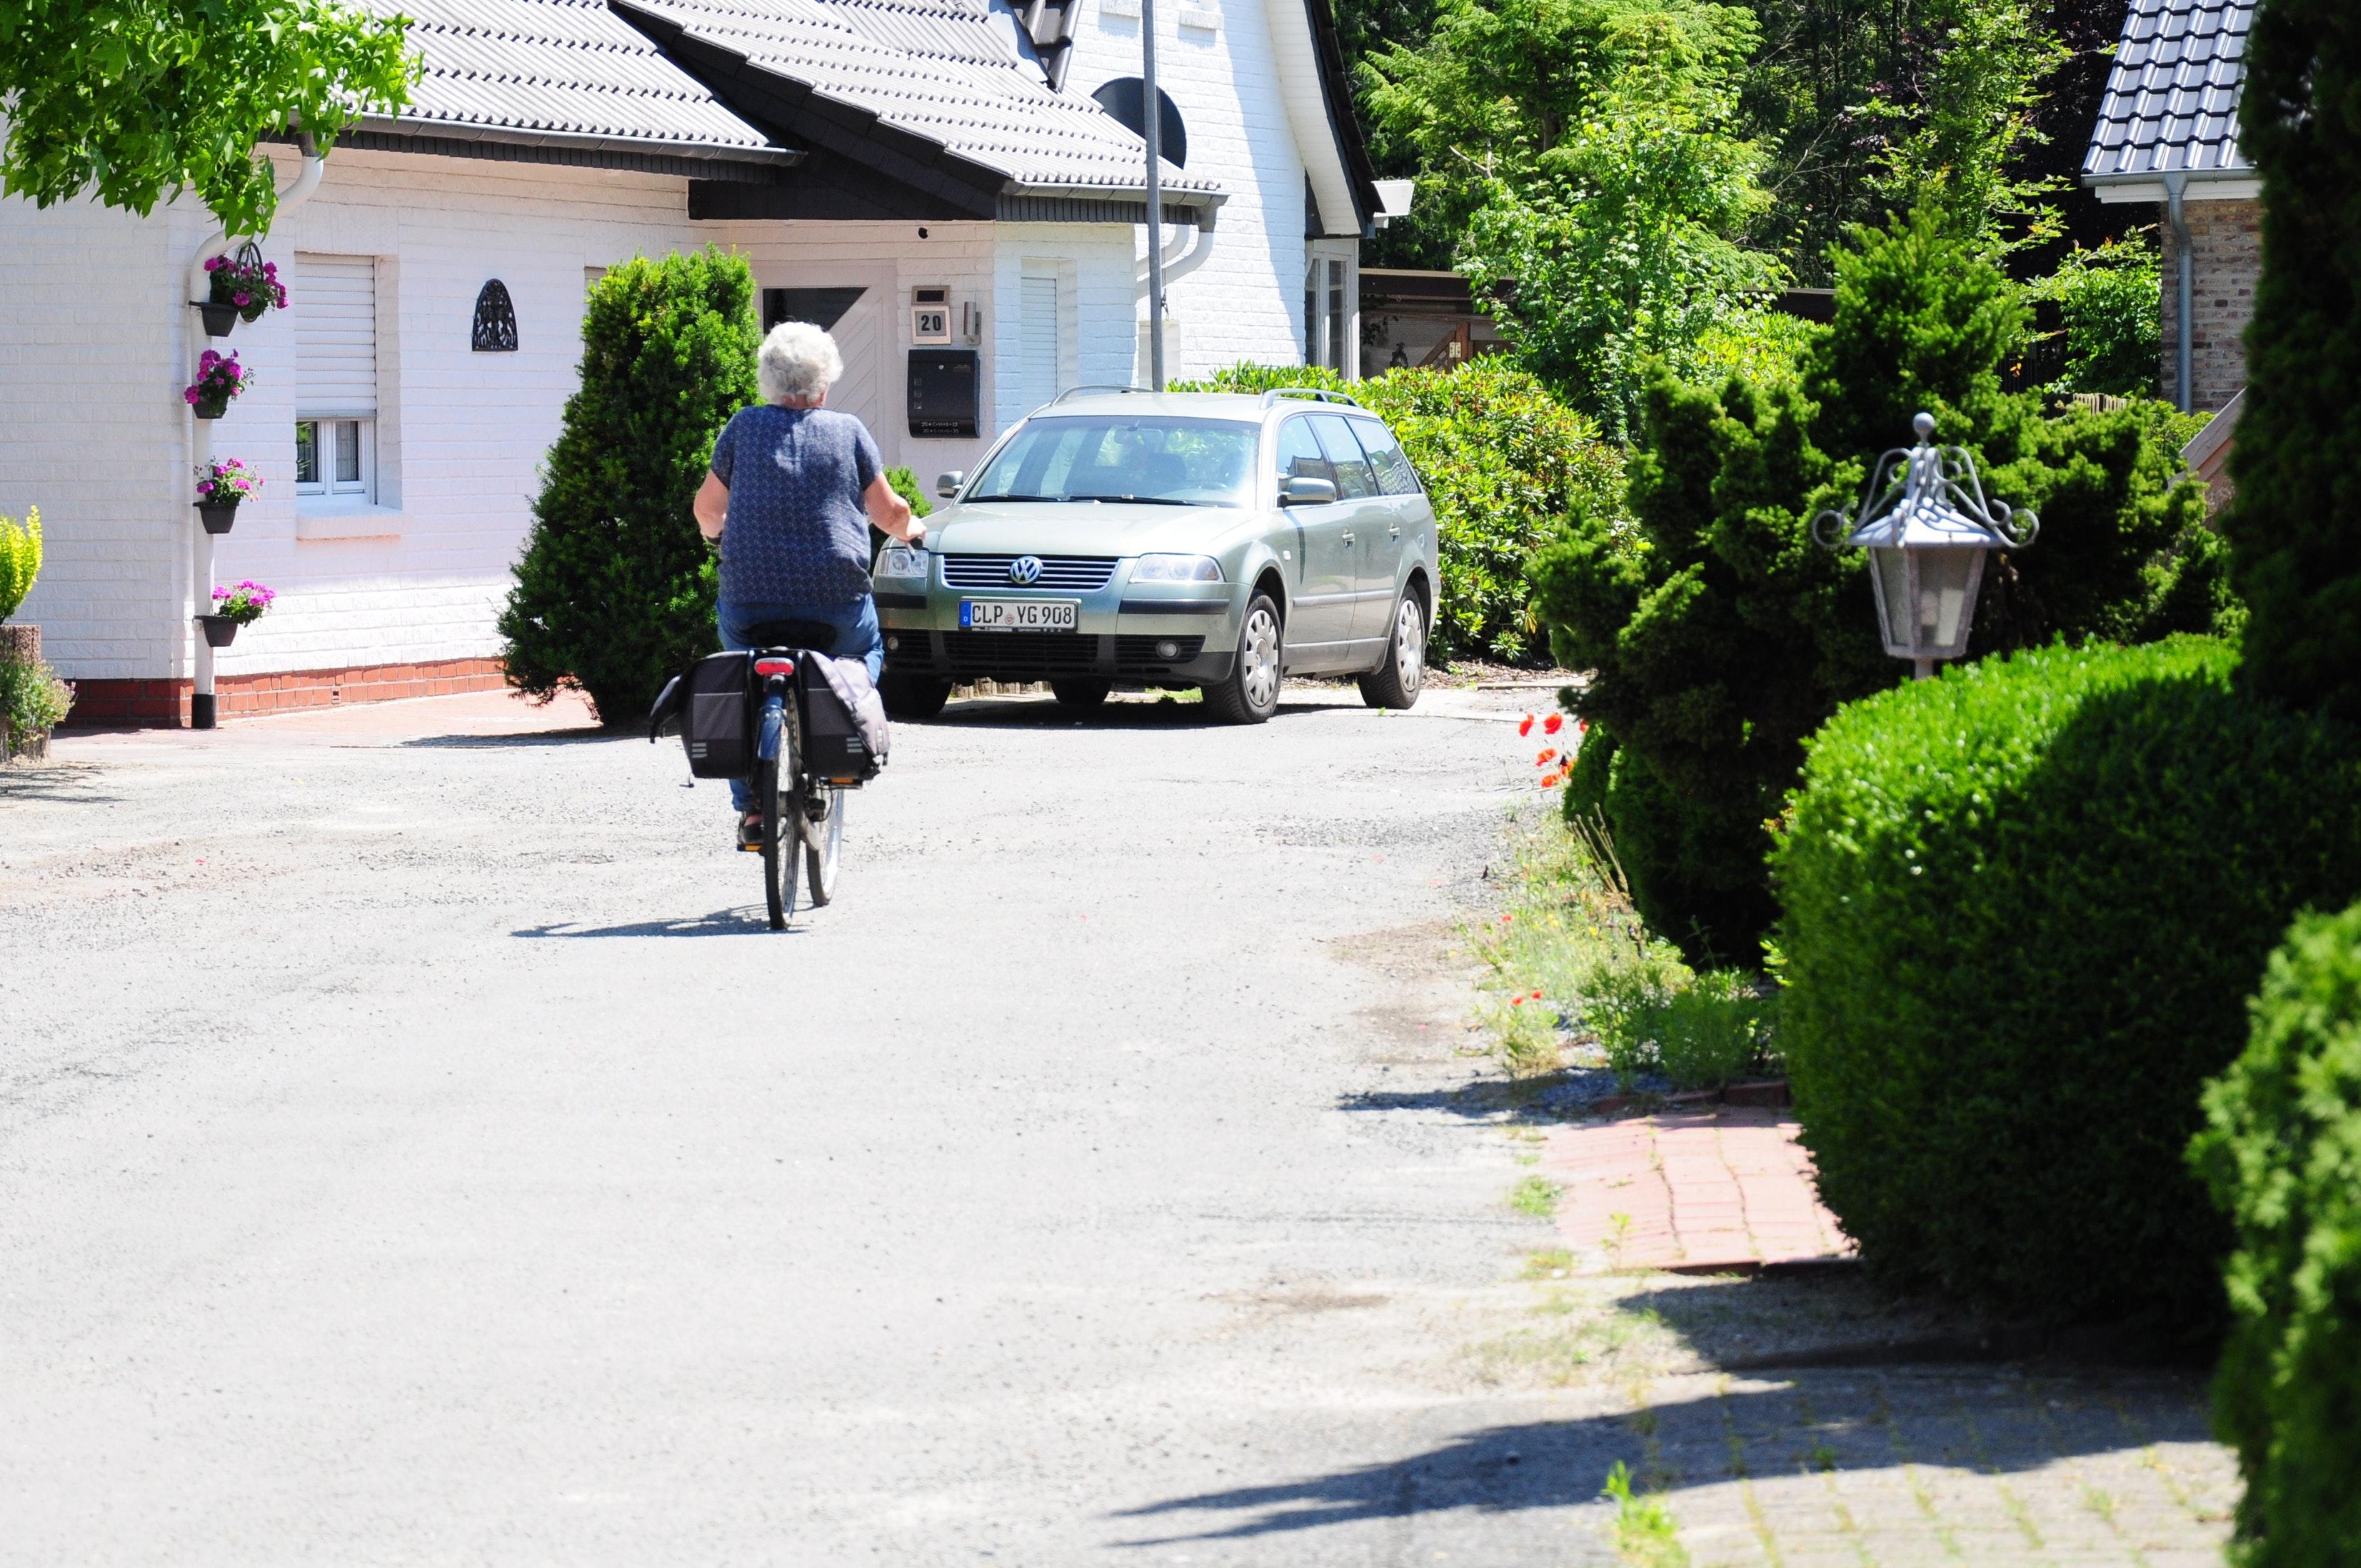 """Noch nie bezahlt: Die kleine, provisorische Sackgasse an der Höltinghauser Straße sieht aus wie eine Straße, ist aber noch nie """"endgültig hergestellt"""" worden, wie es im Satzungsrecht heißt. Foto: Kreke"""